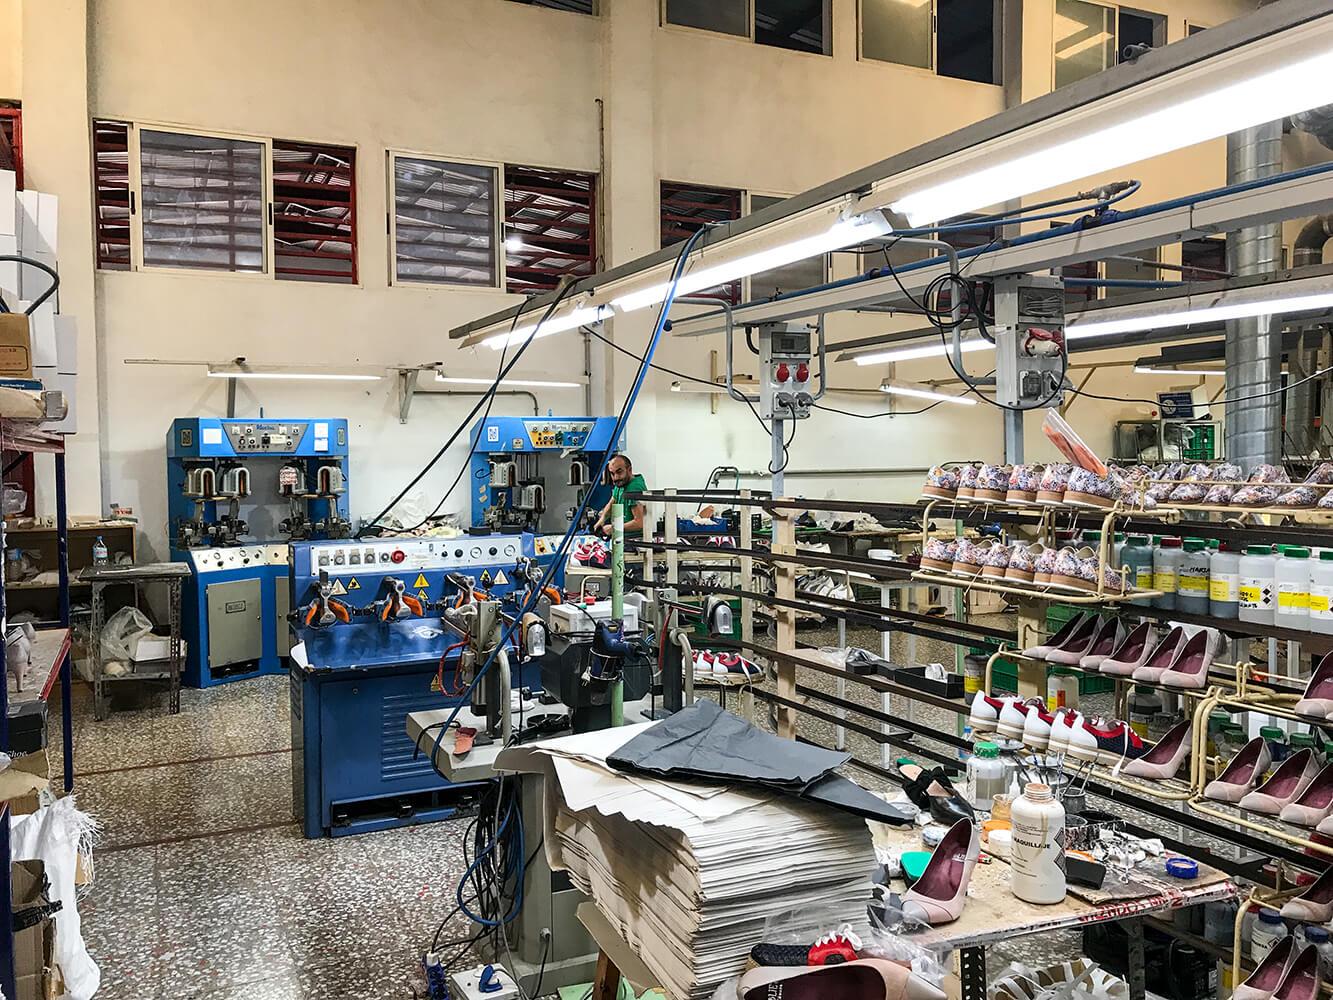 Besuch einer Produktionsstätte eines Schuhlieferanten